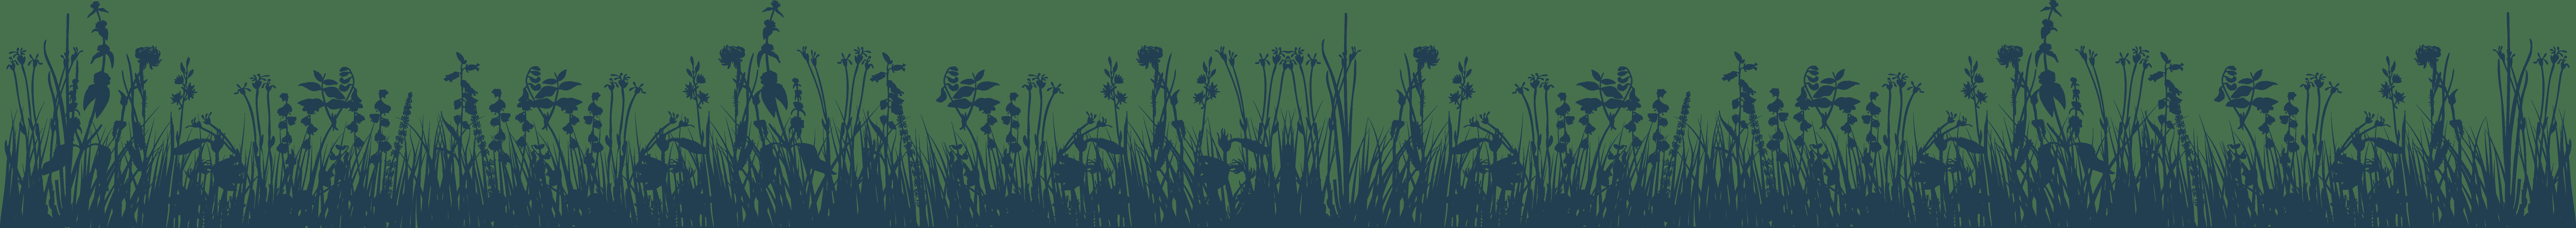 Gras_213f51